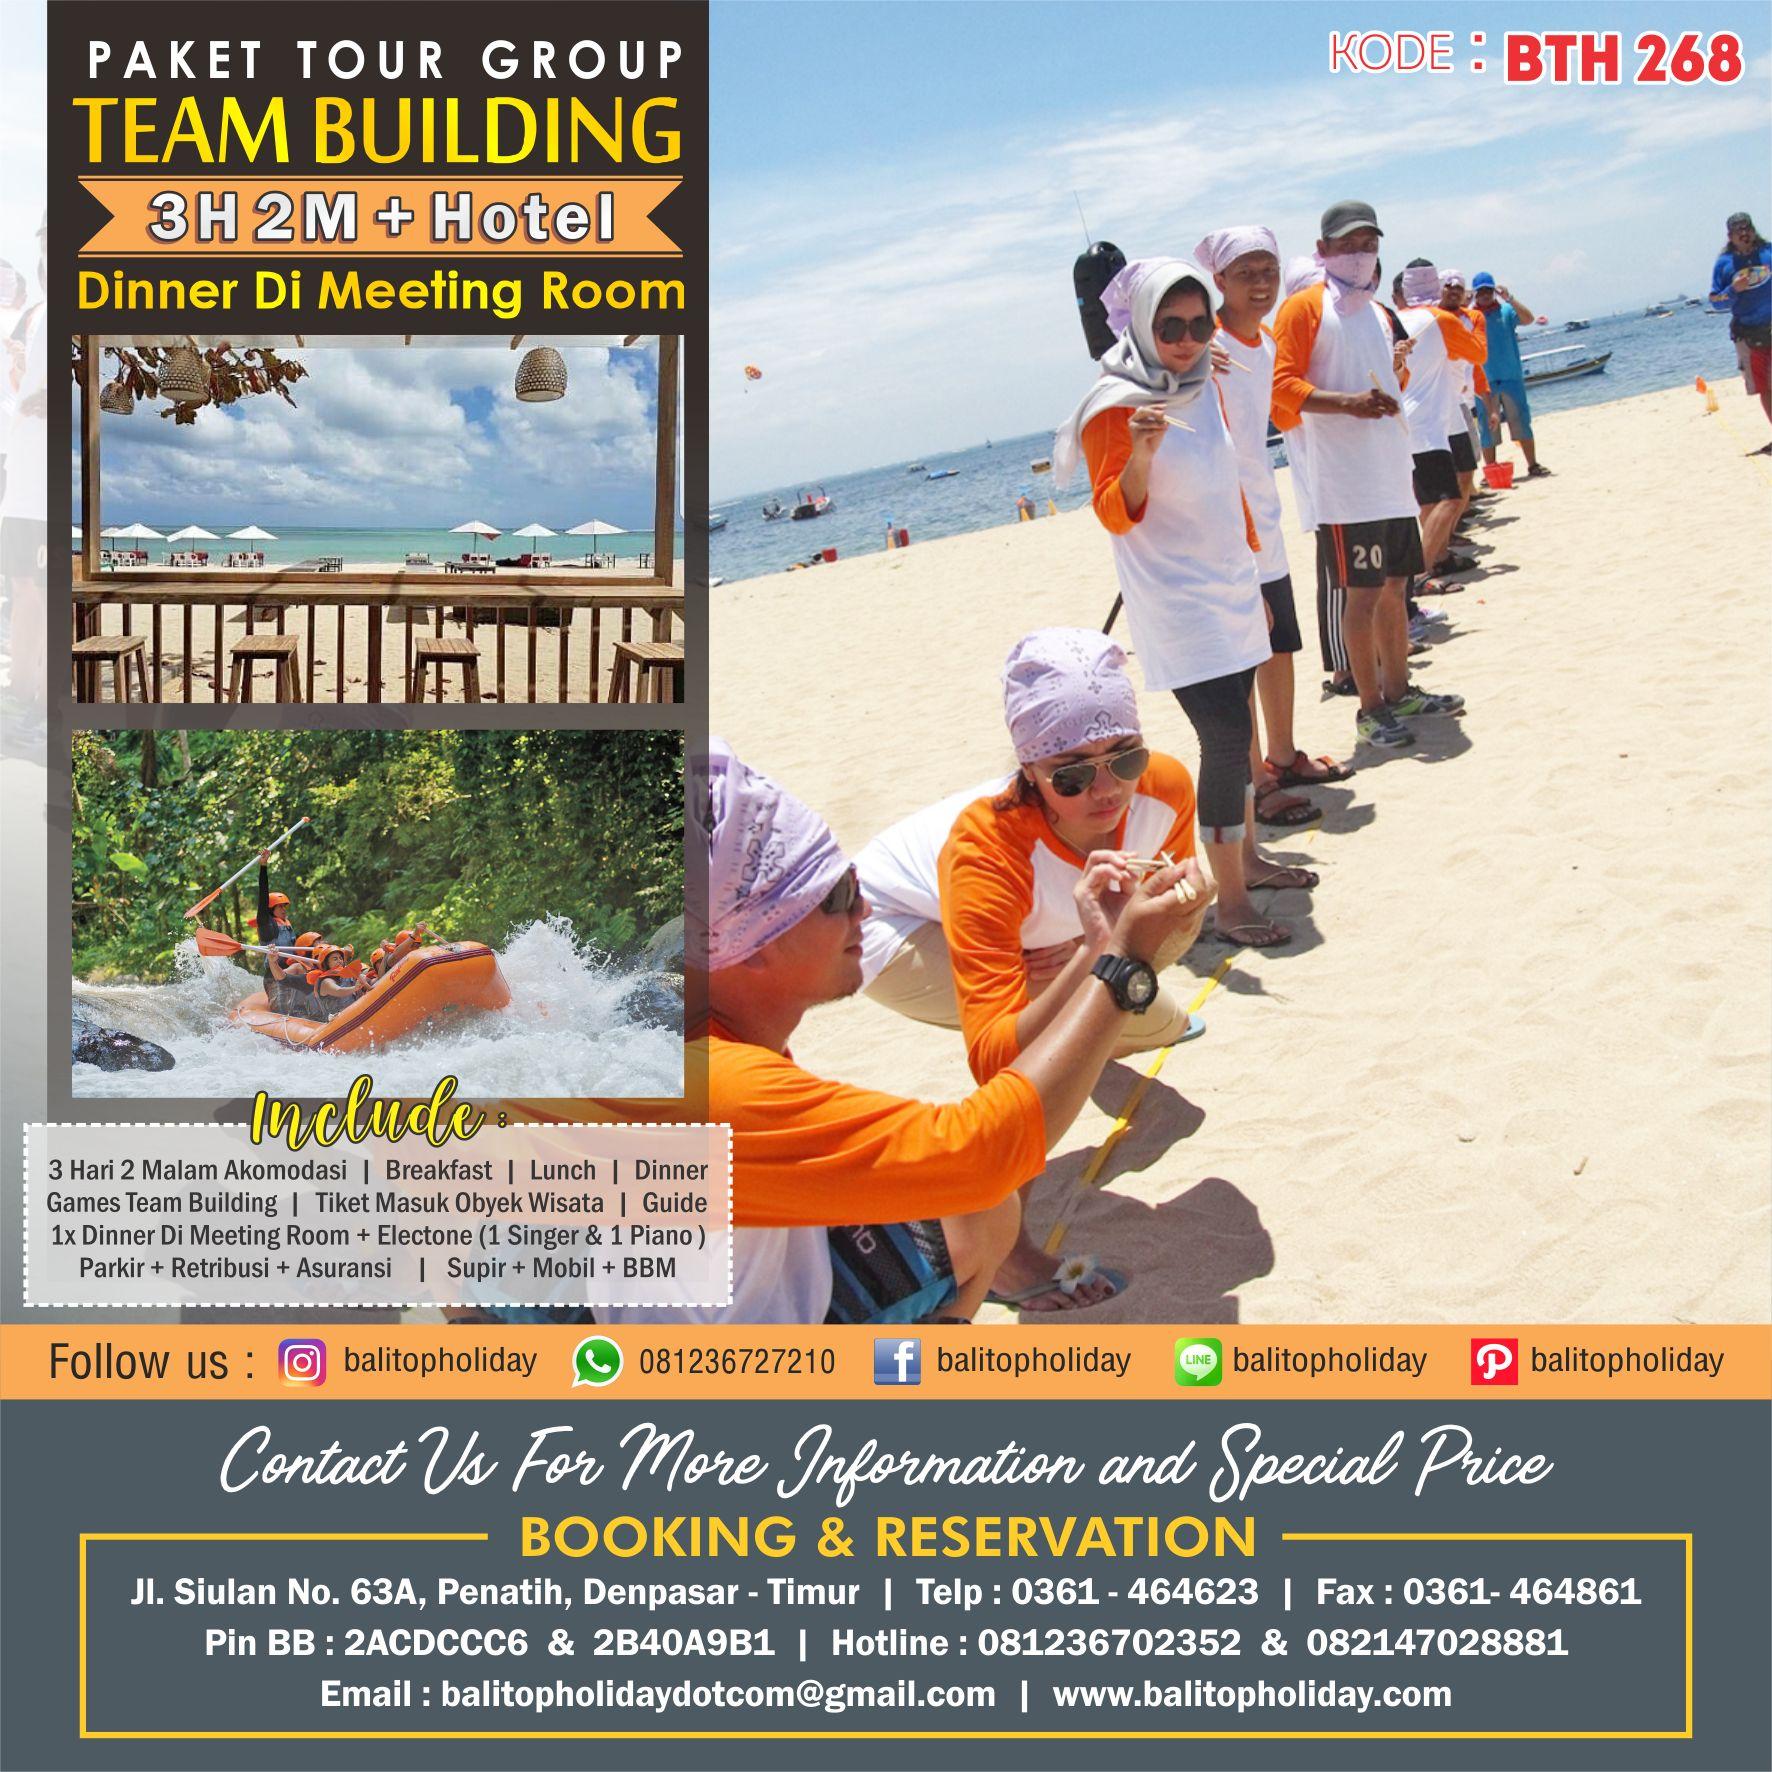 Paket Tour Group Dengan Team Building 3 Hari 2 Malam